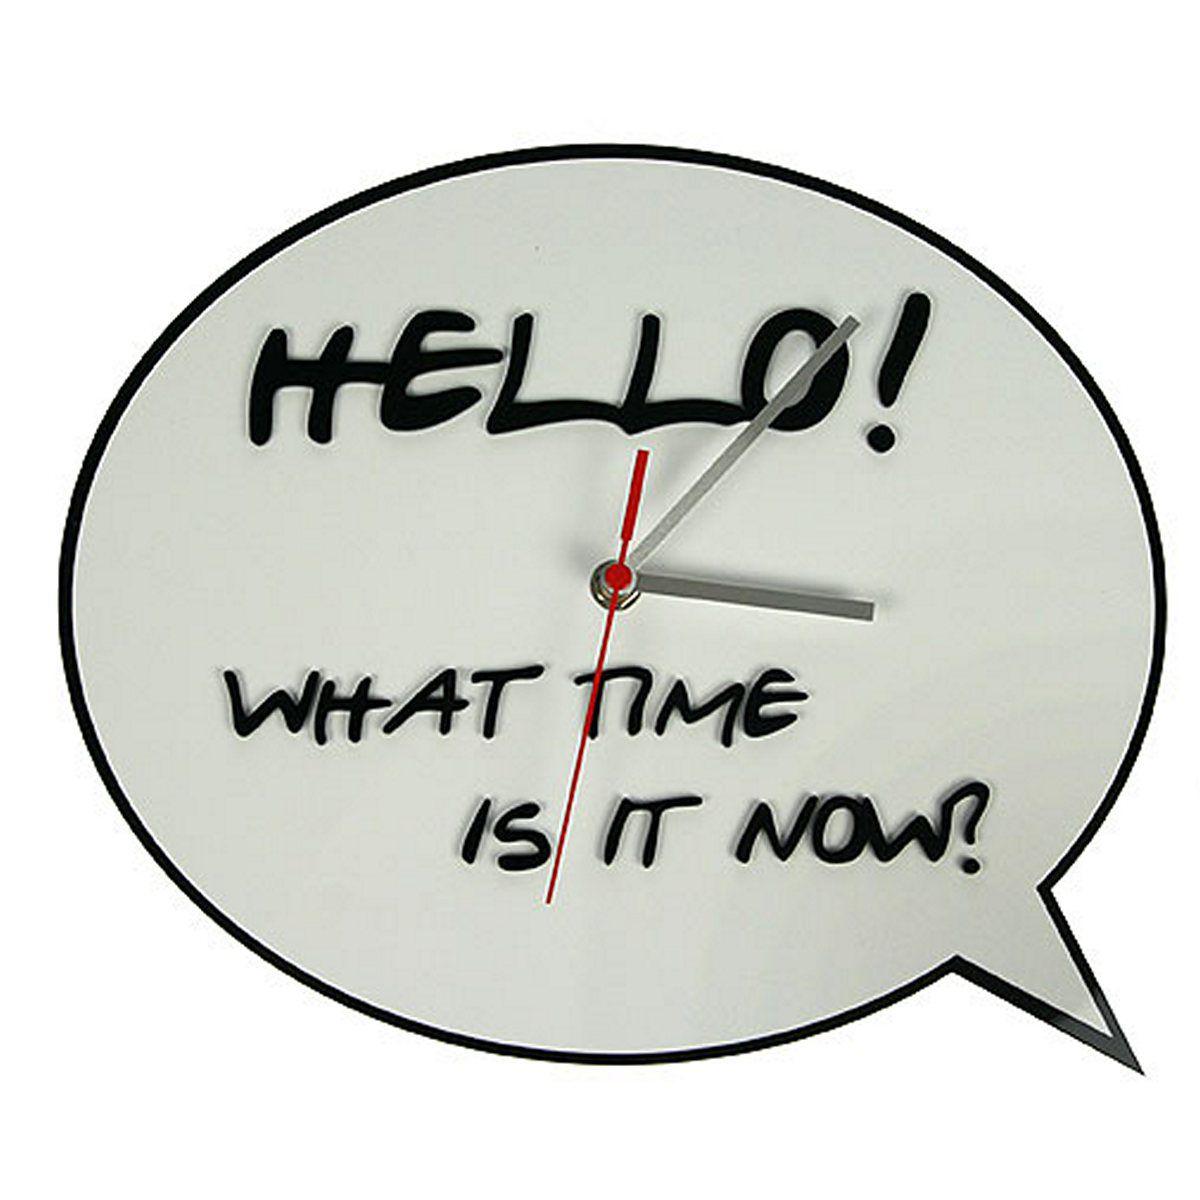 Часы настенные Русские Подарки, диаметр 30 см. 122421П1-3/7-60Настенные кварцевые часы Русские Подарки изготовлены из полиамида. Корпус оформлен надписью на английском языке: Hello! What time is it now?. Часы имеют три стрелки - часовую, минутную и секундную. С обратной стороны имеетсяпетелька для подвешивания на стену.Такие часы красиво и оригинально оформят интерьер дома или офиса. Также часы могут стать уникальным, полезным подарком для родственников, коллег, знакомых и близких.Часы работают от батареек типа АА (в комплект не входят).